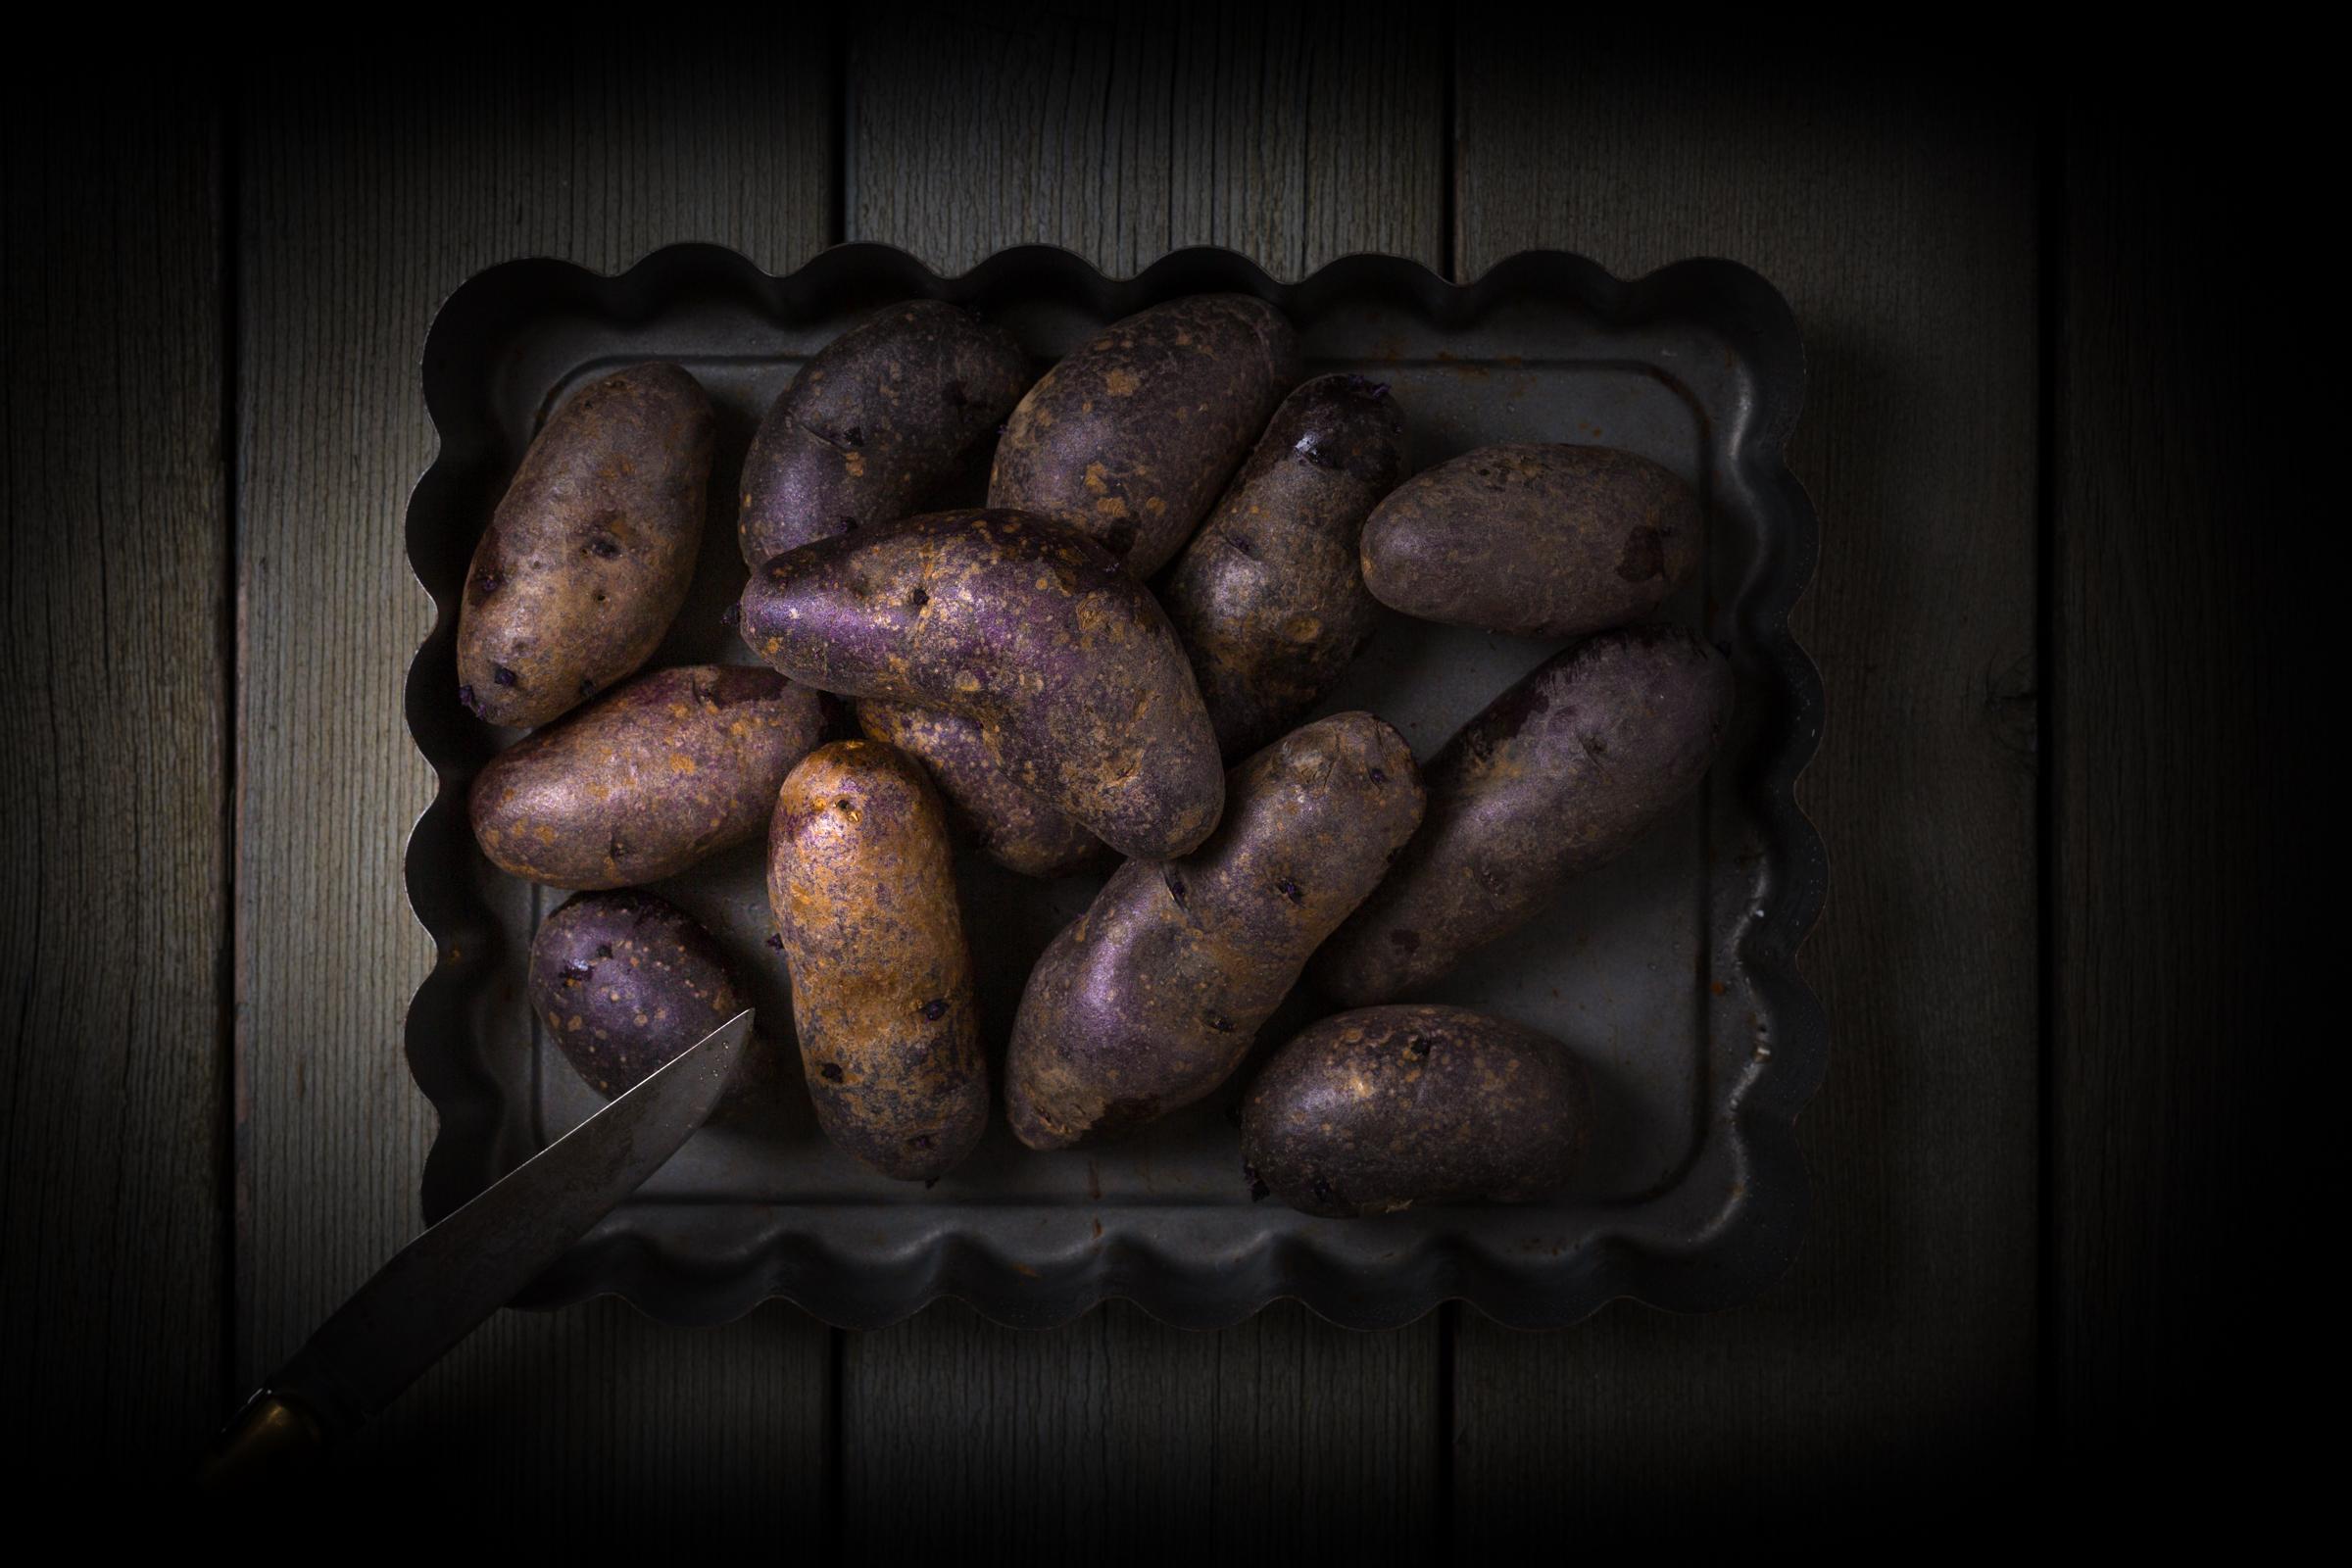 VEGGIES IN THE DARK    KLIENT:   EIGENES PROJEKT   FOOD-STYLING:   MATTHIS BADER